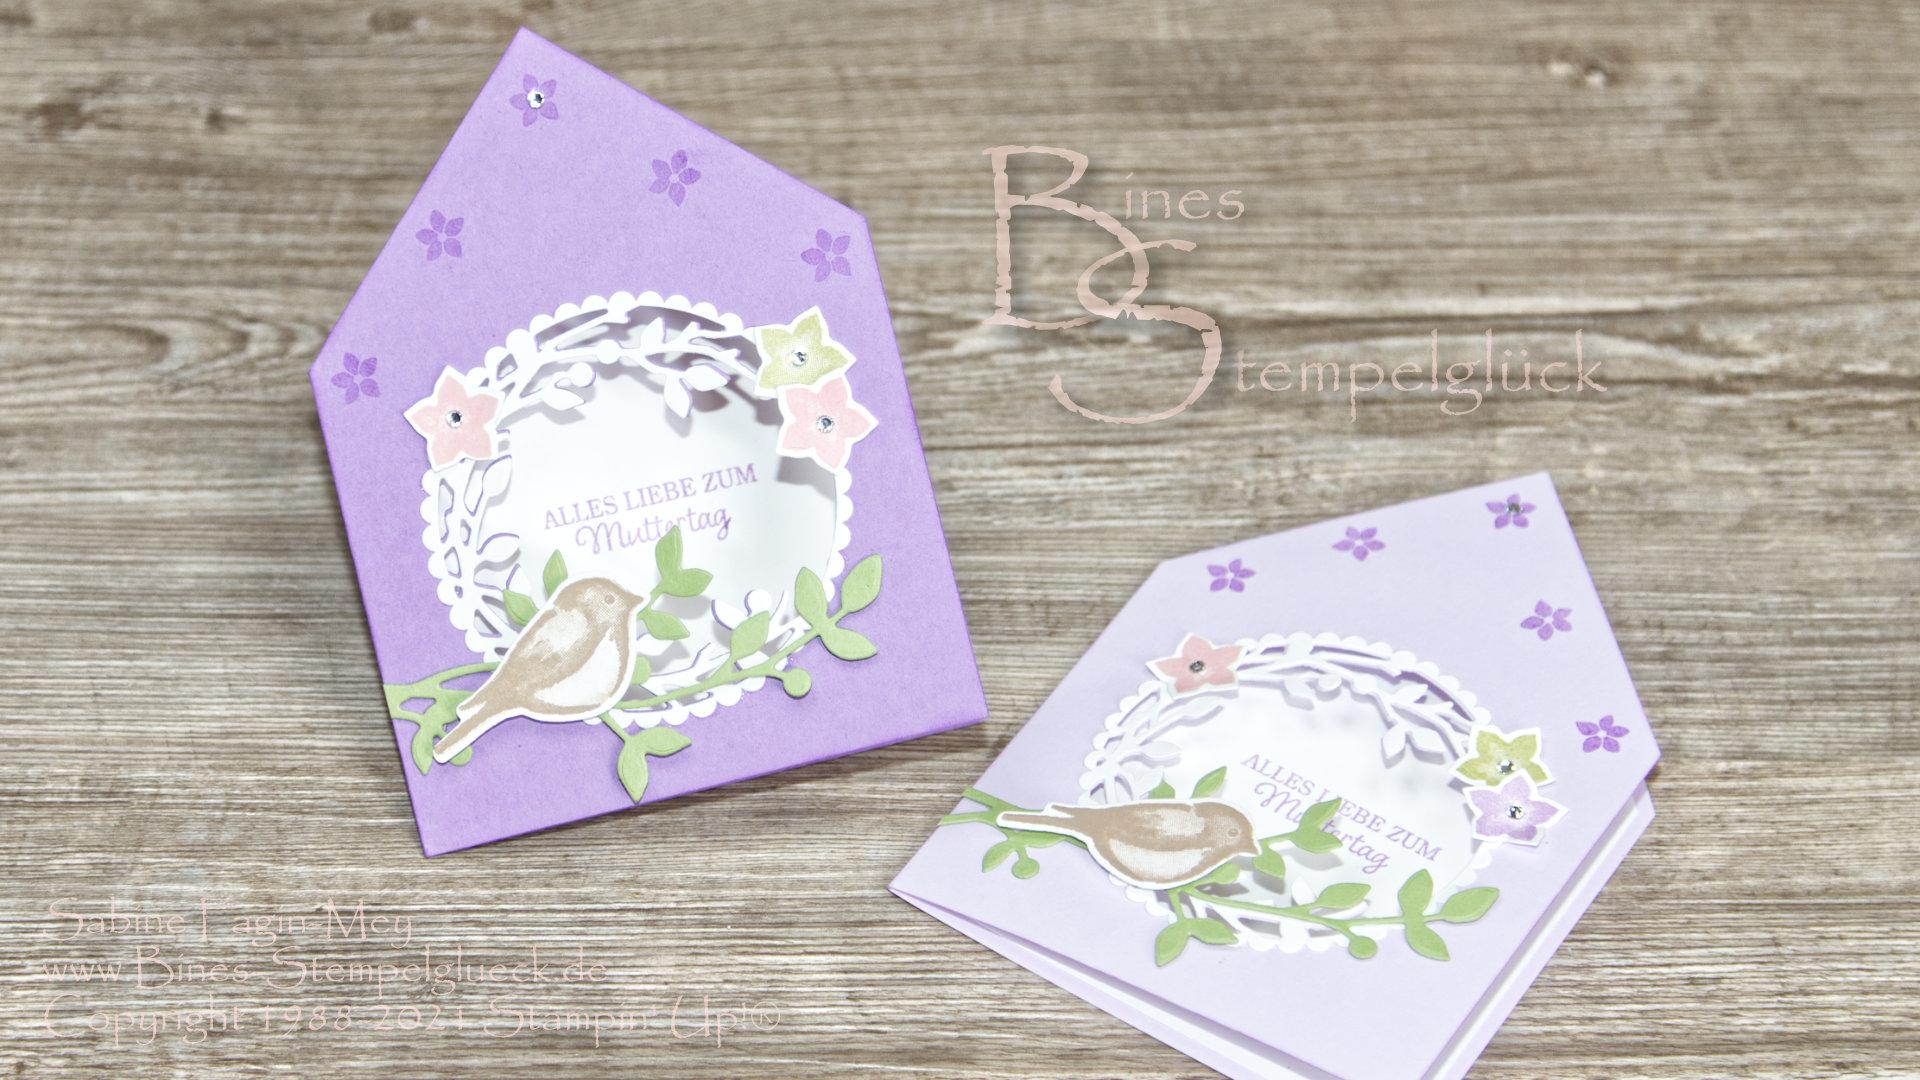 Pfiffige Haus-Karte zum Muttertag mit Stampin' Up!